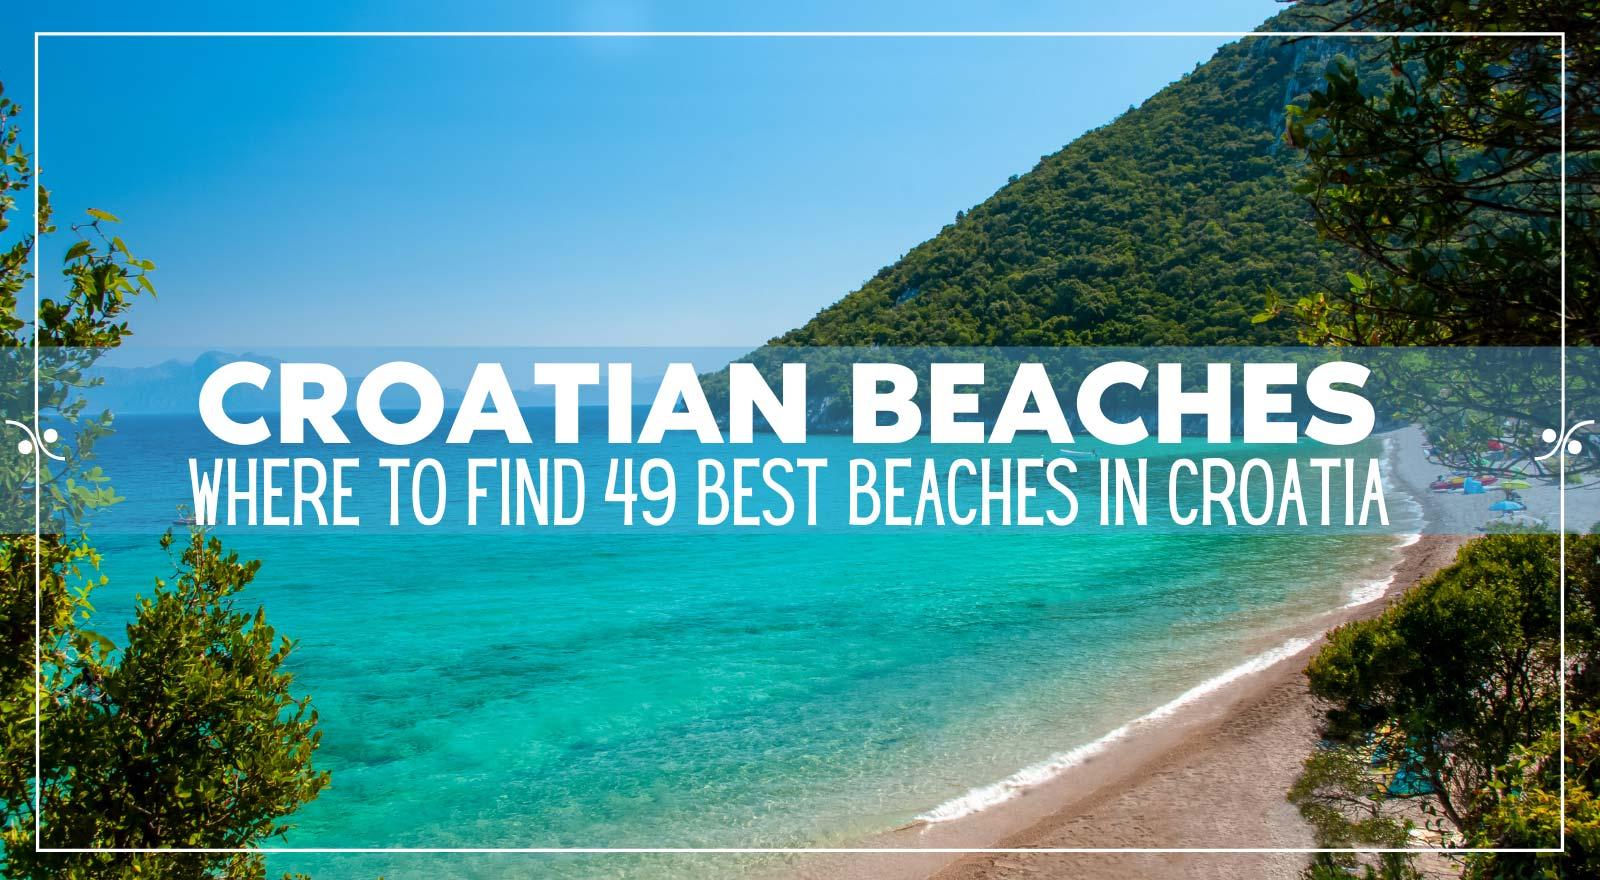 Best Beaches in Croatia | Croatian Beaches Guide, Illustration